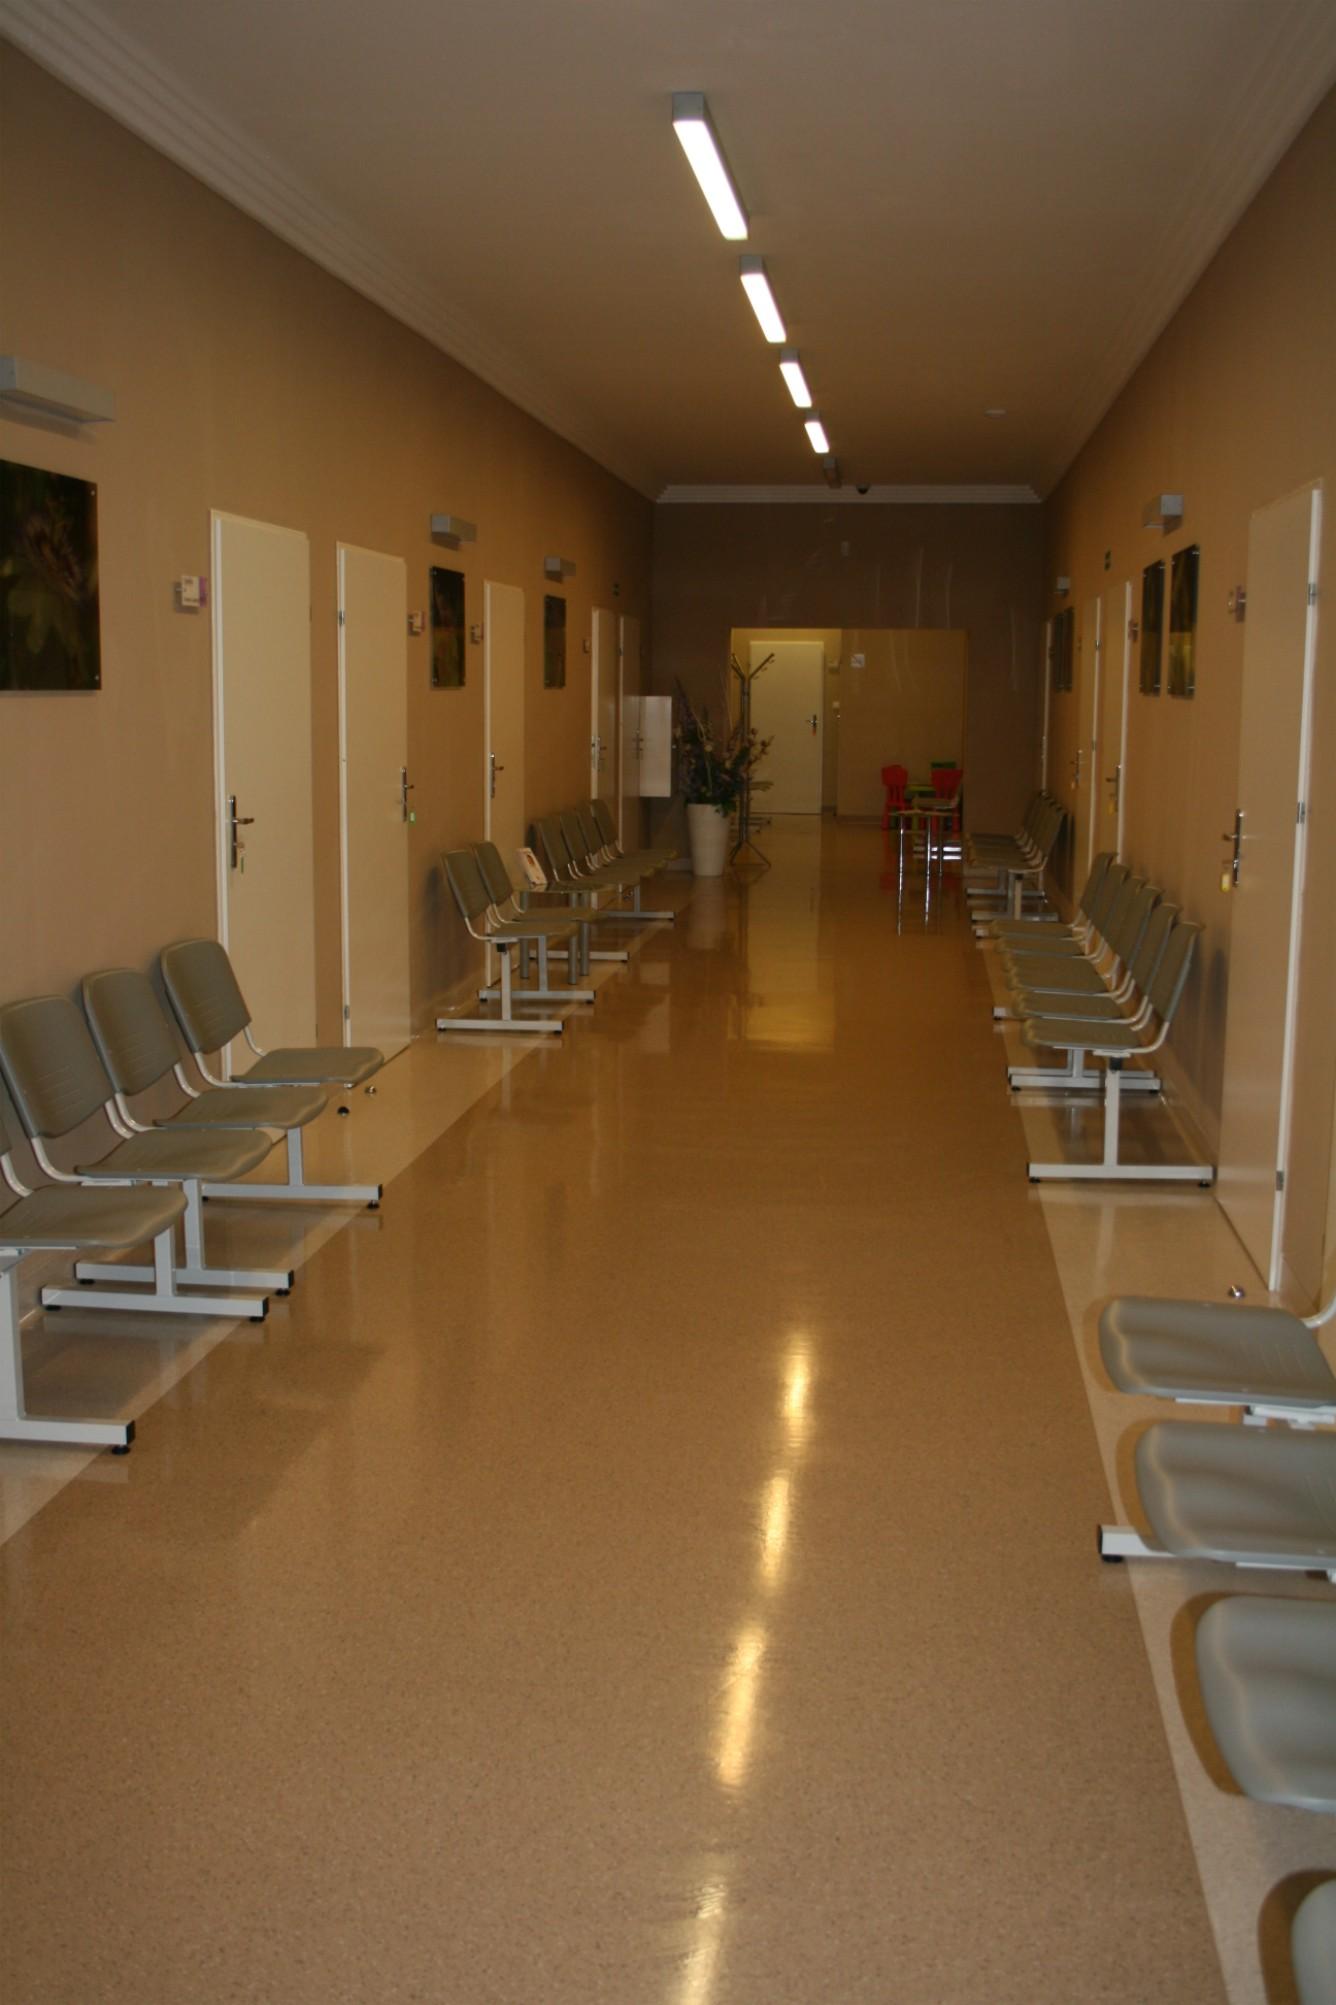 Wystrój wnętrz Szczecin - poczekalnia w gabinecie lekarskim